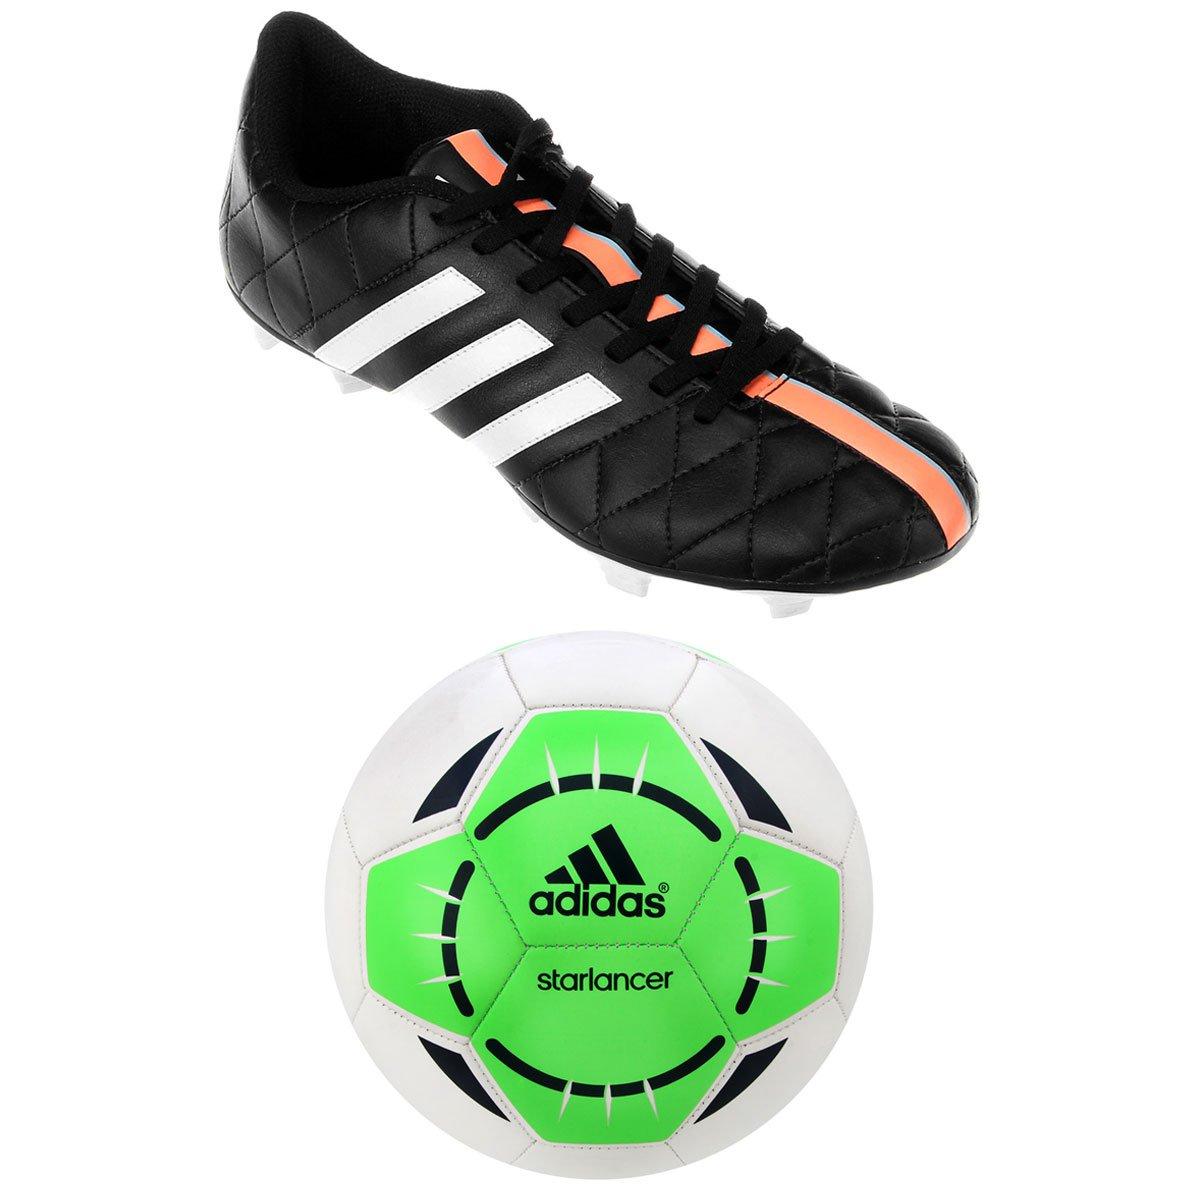 2b92d4cc51be8 Chuteira Adidas 11 Questra FG Campo + Bola Adidas - Compre Agora ...